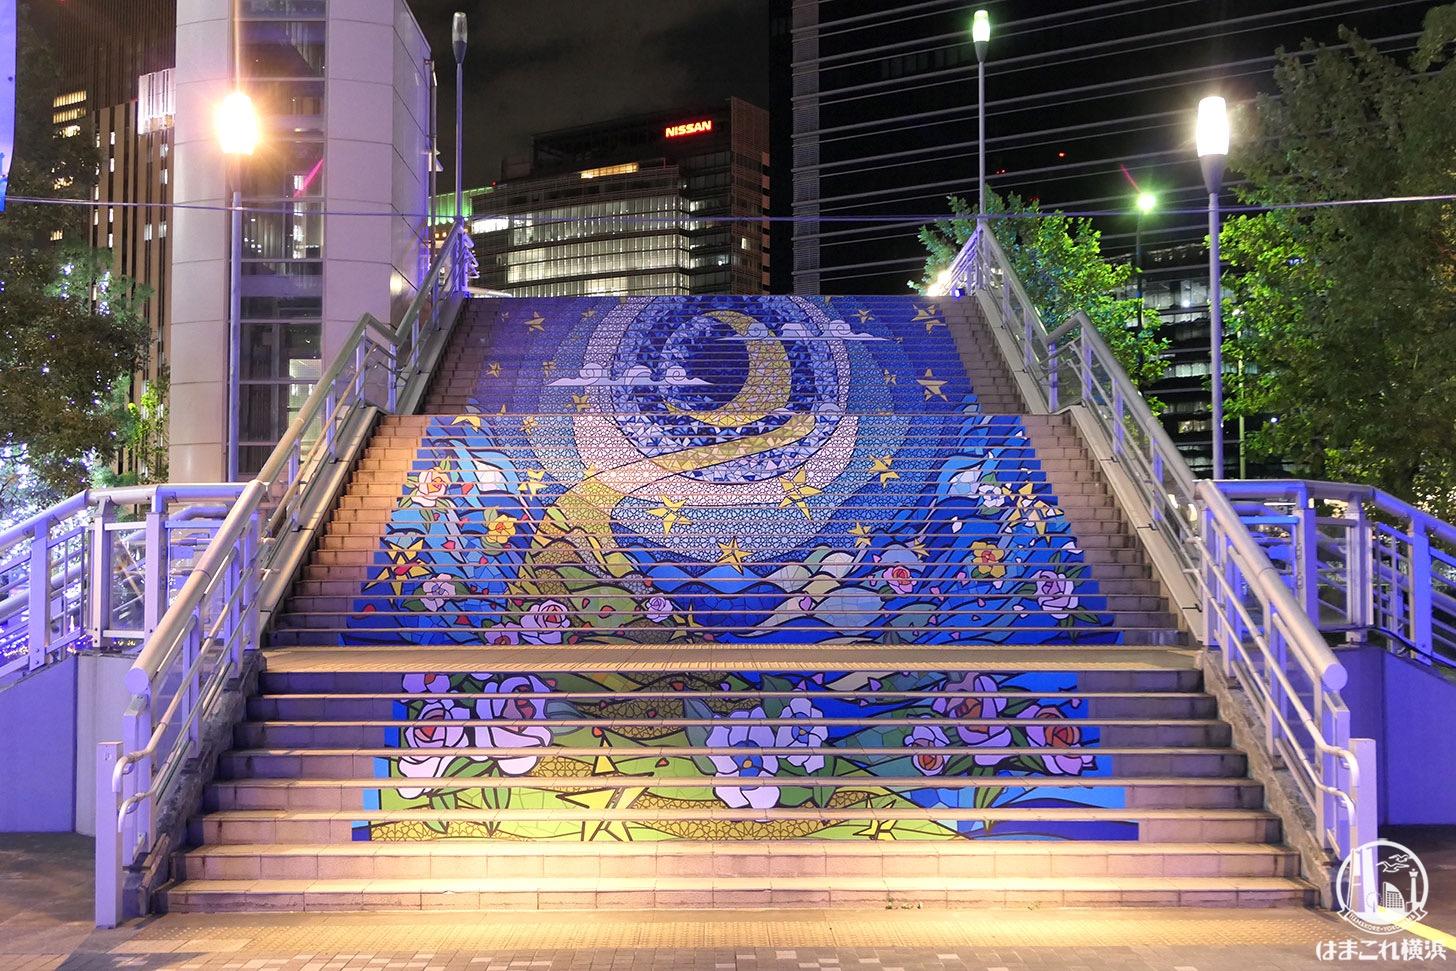 陸橋の階段に描かれるアート